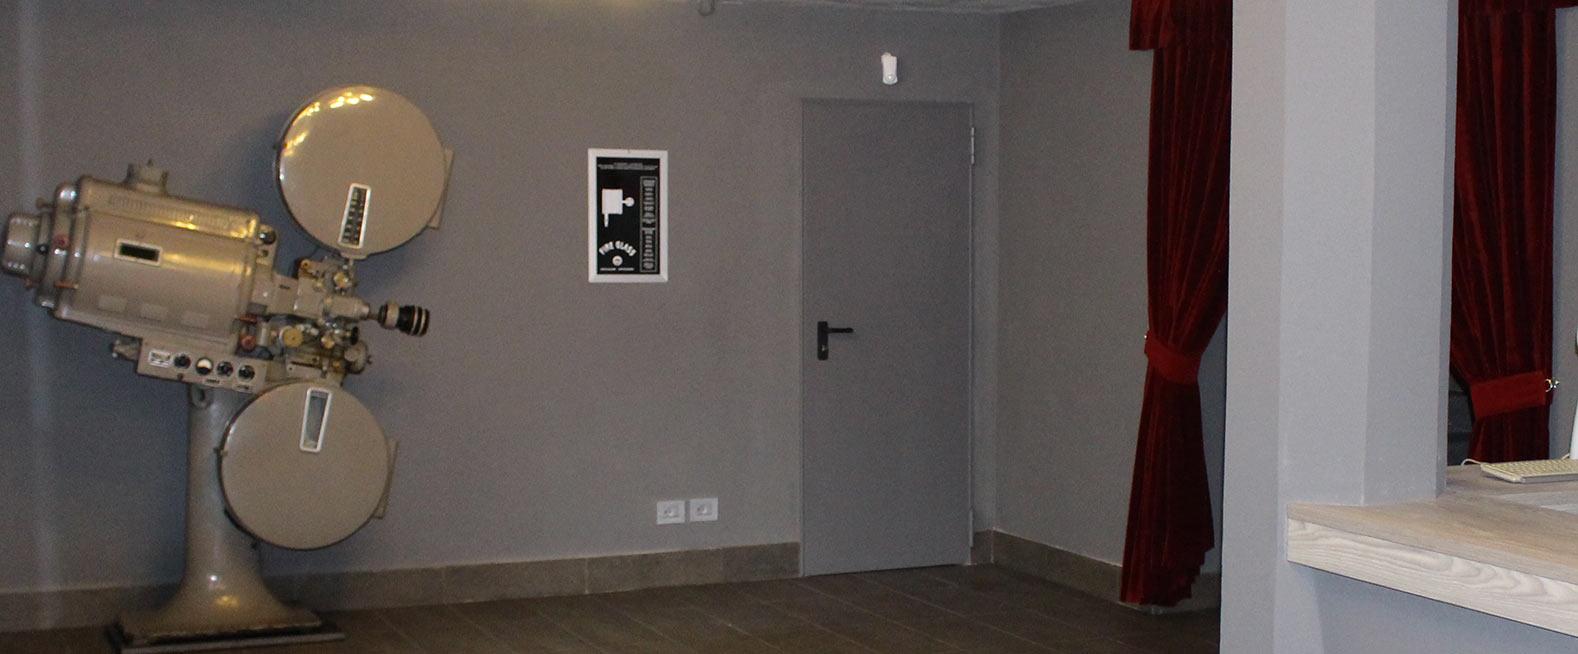 Cinema Nembro